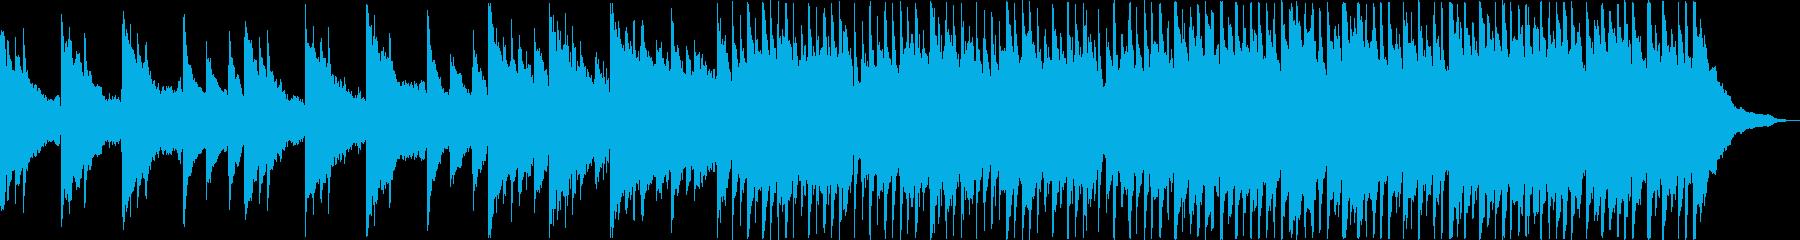 【1分】暖かで感動的なピアノの企業VPの再生済みの波形